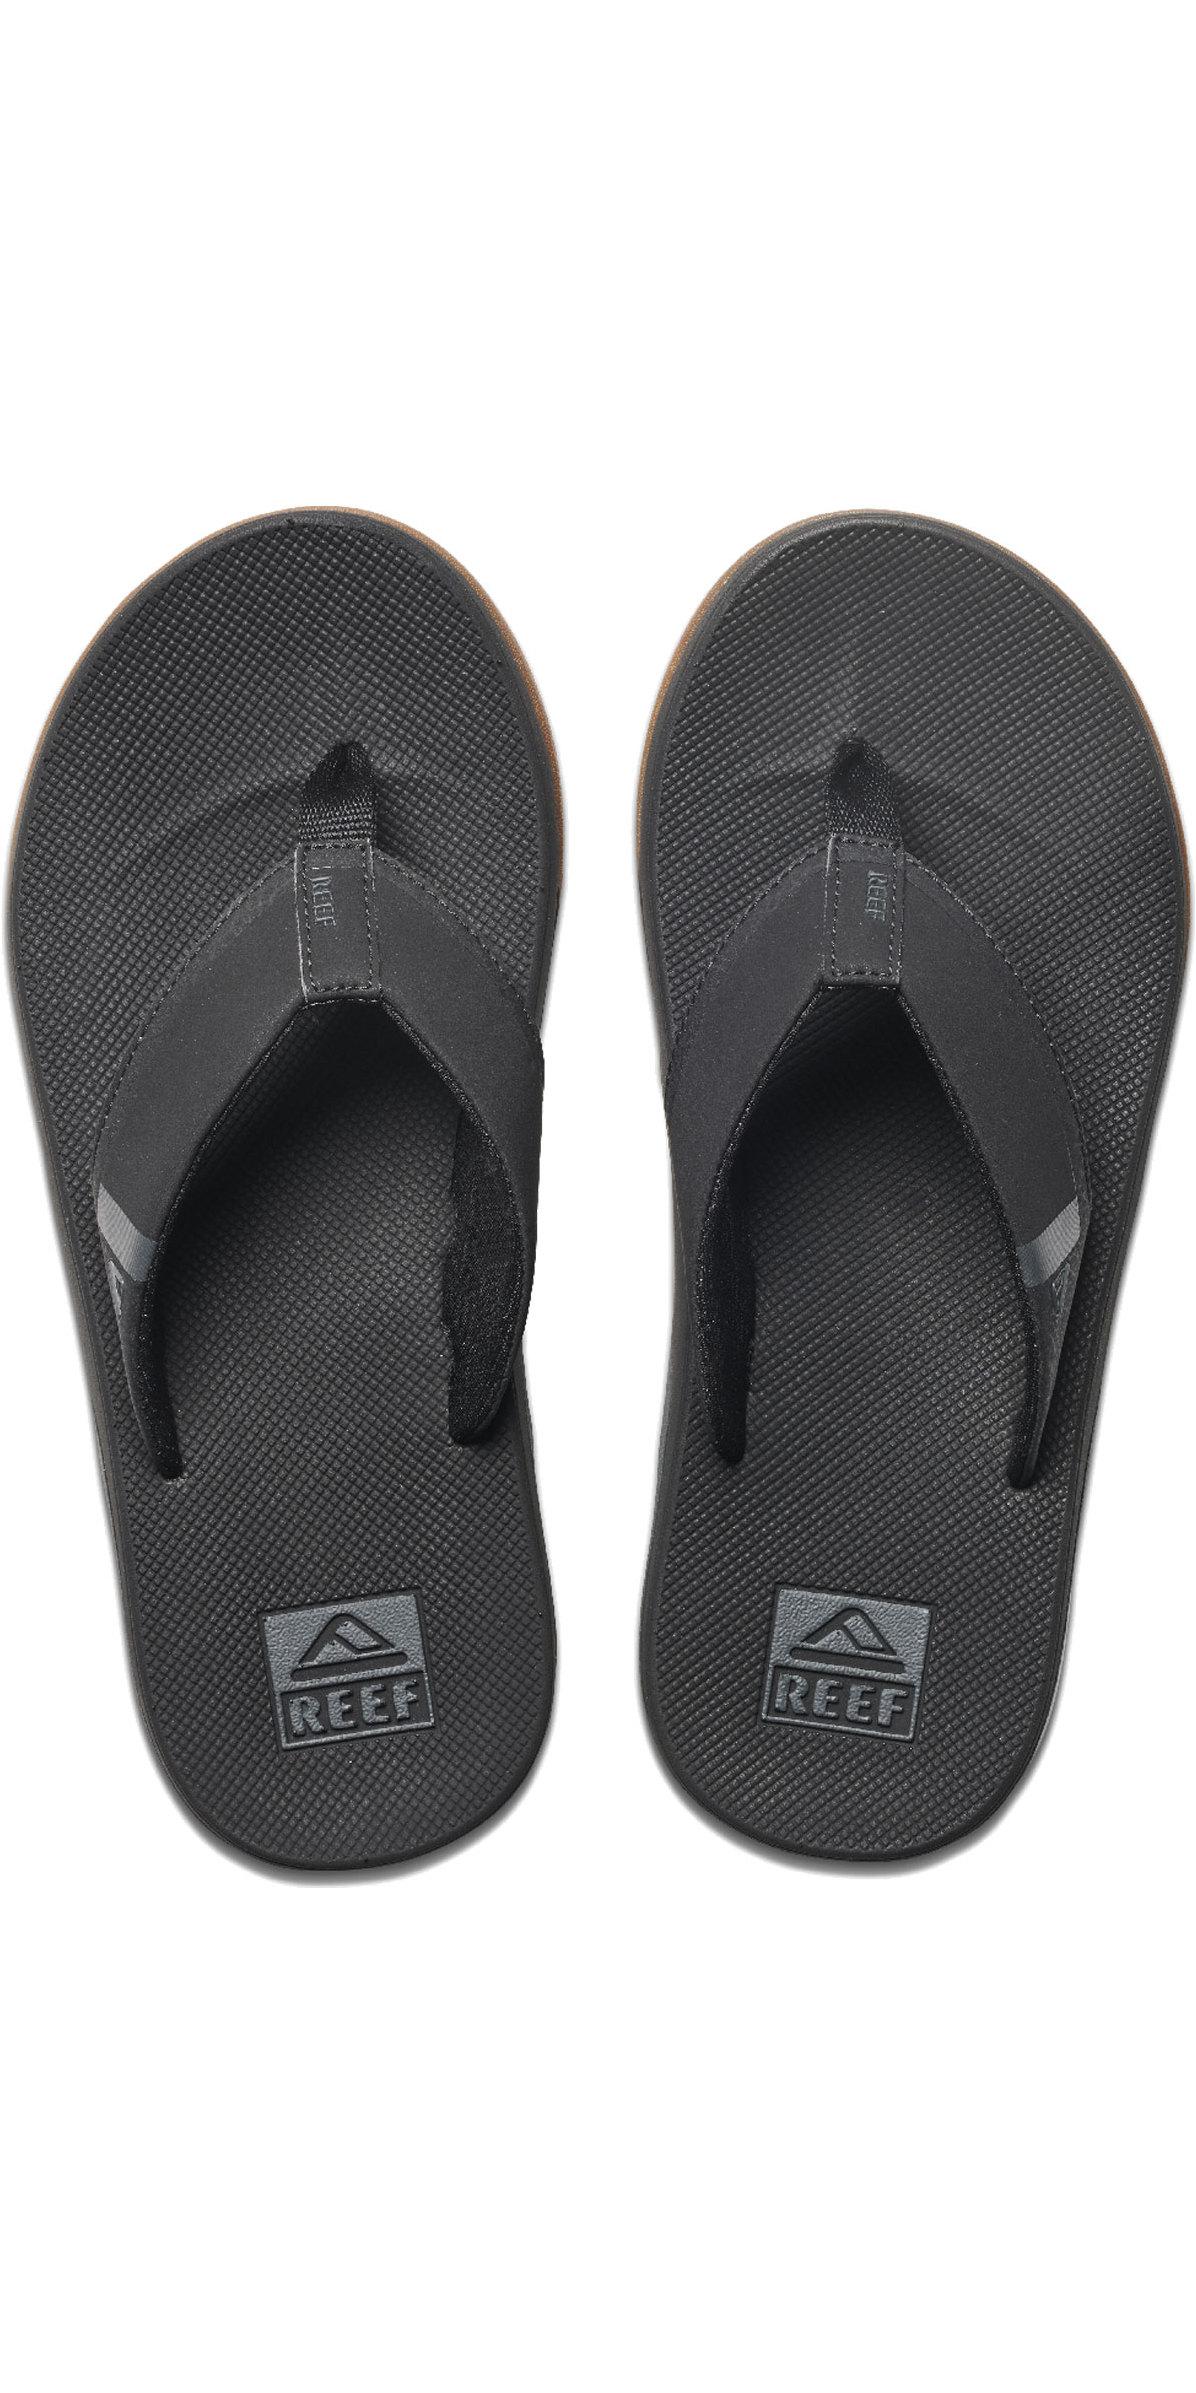 2020 Reef Miesten Lepattavat Matalat Kengät Sandaalit Rf0a3kih Musta